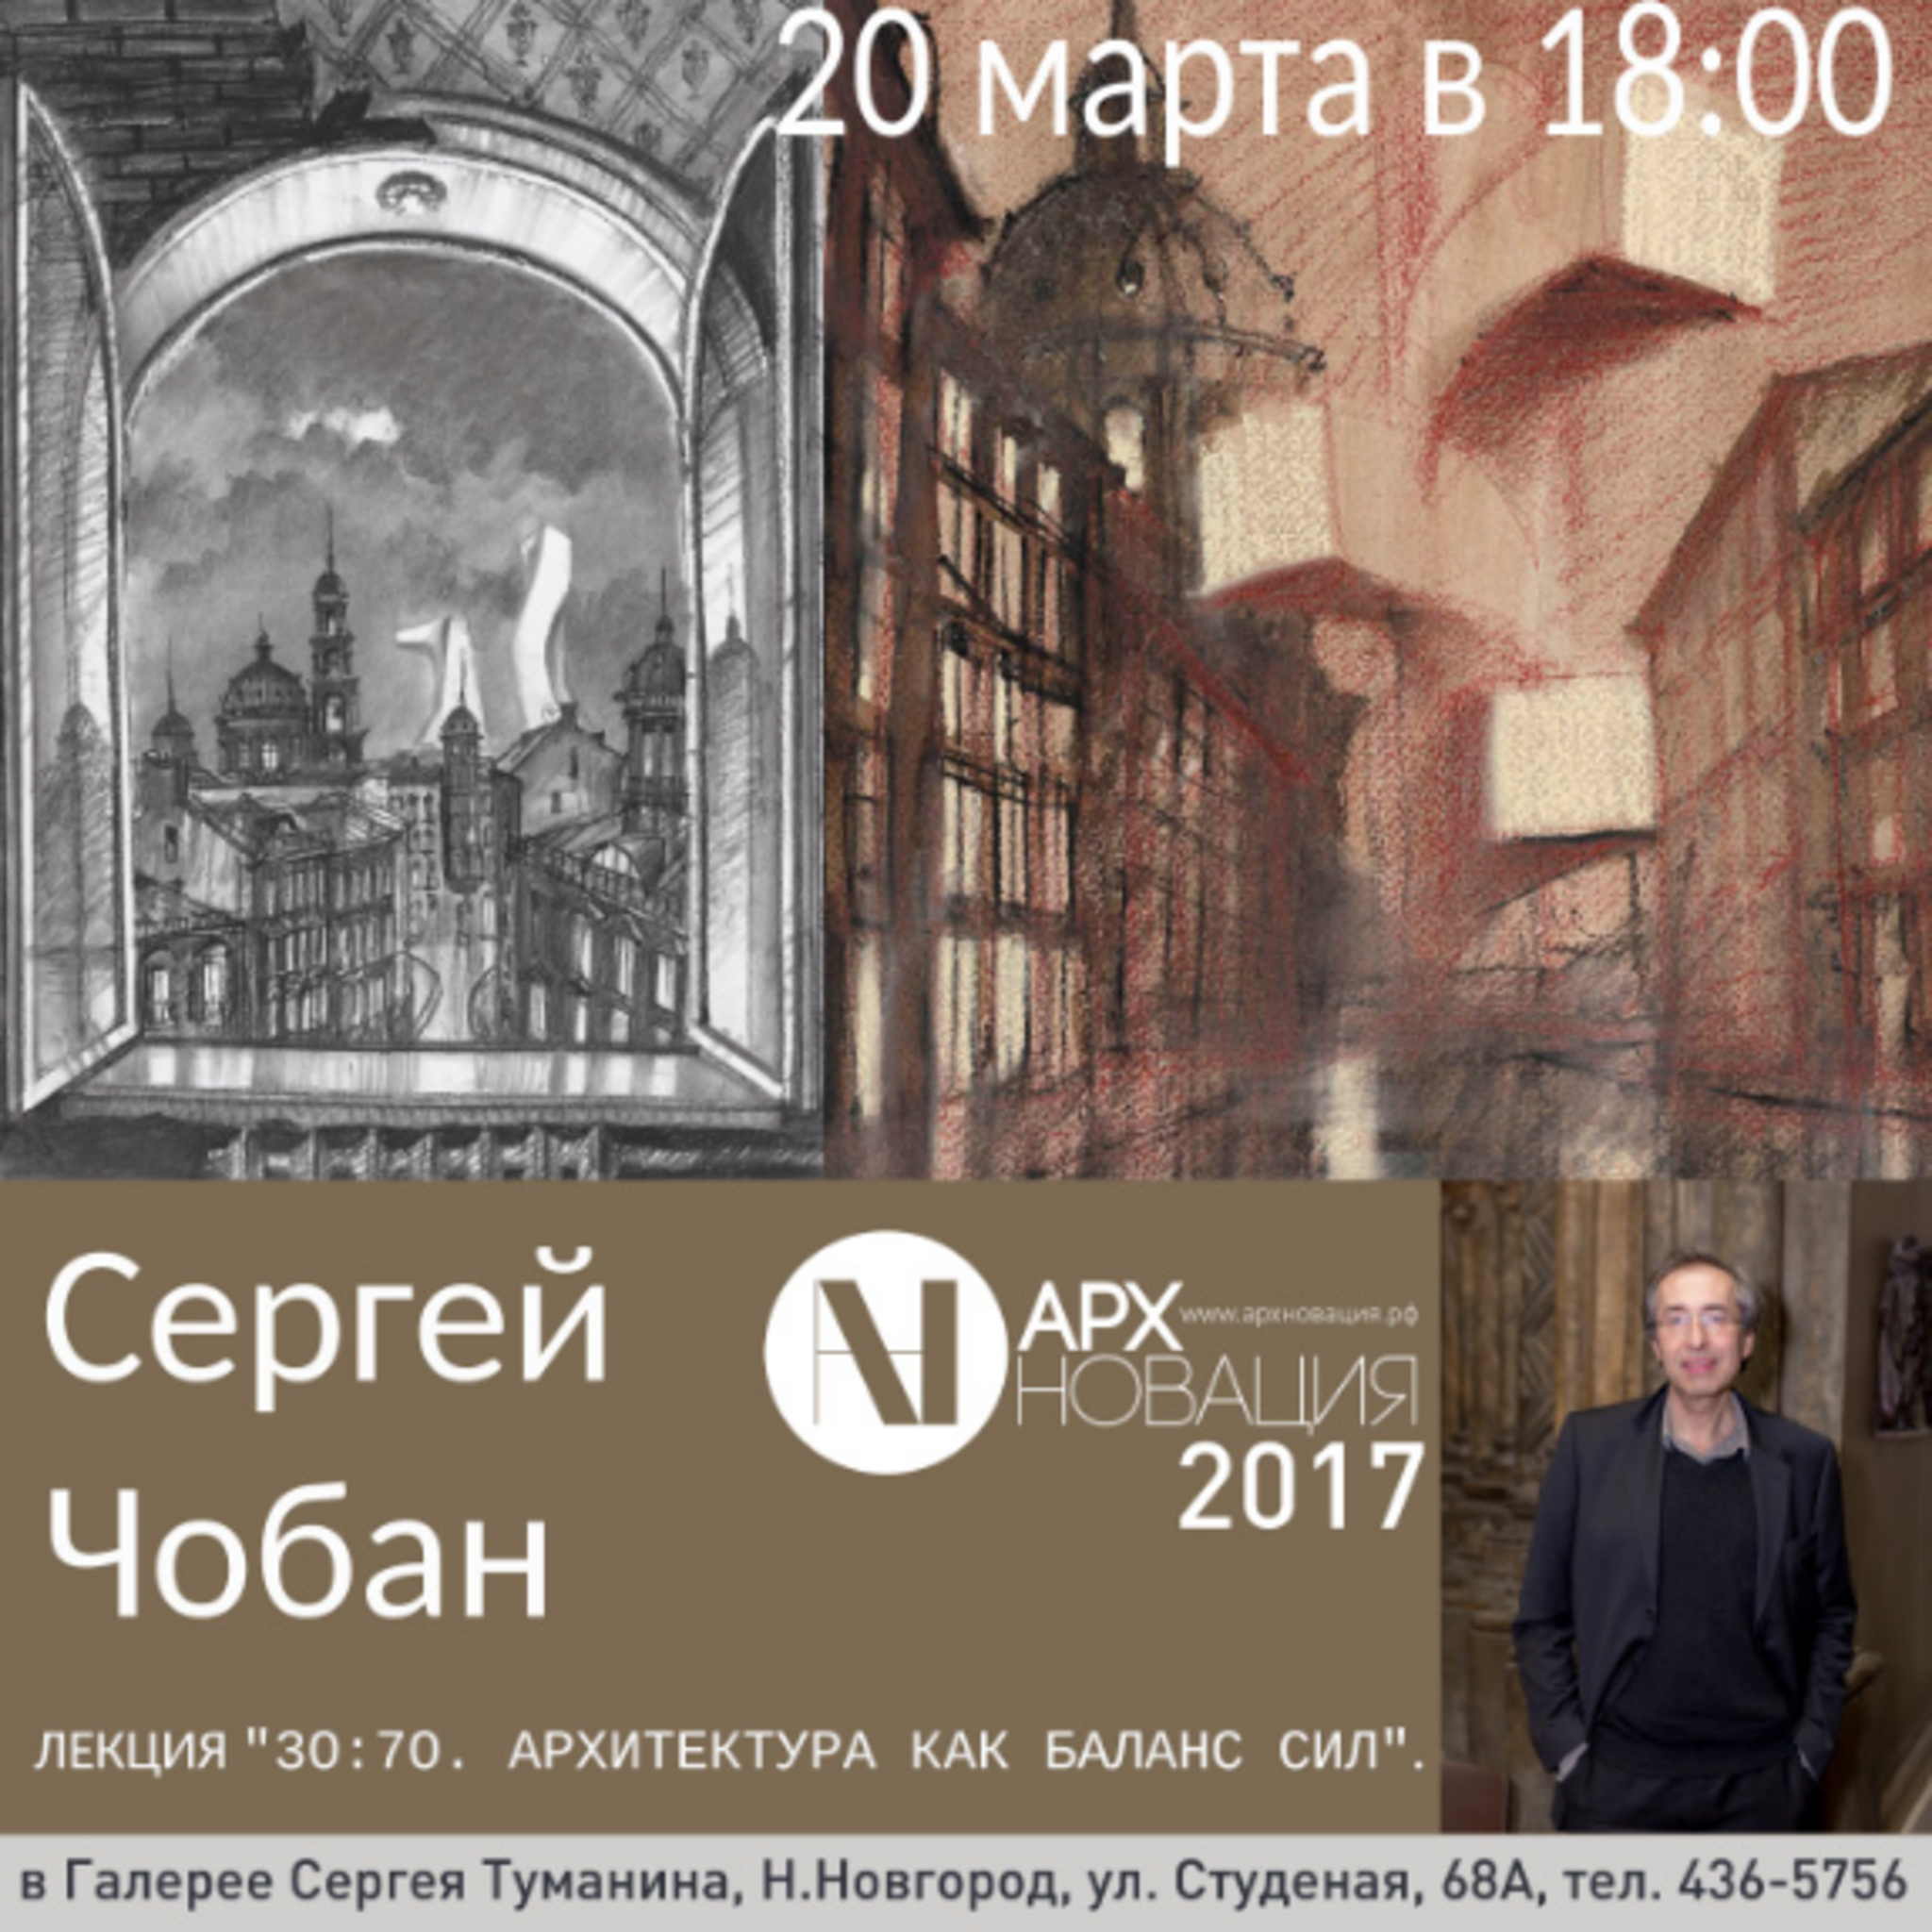 Лекция Сергея Чобана «30:70. Архитектура как баланс сил»